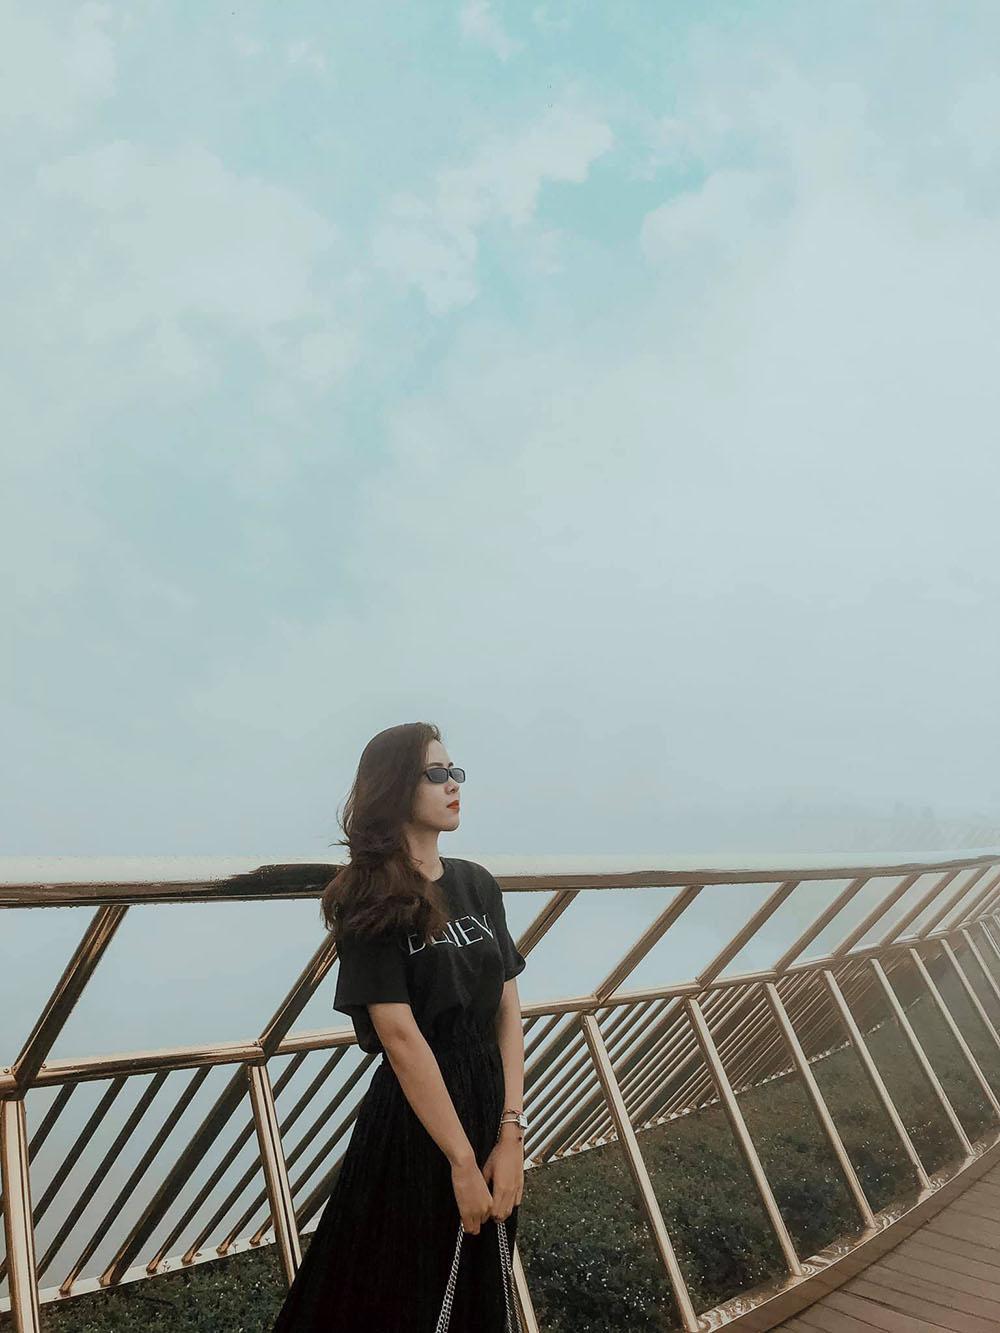 Vua Hoa Le Jardin Damor Review Hue Da Nang Hoi An Ninh Binh 7n7d Chi Voi 8 Trieu Tin Duoc Khong 05